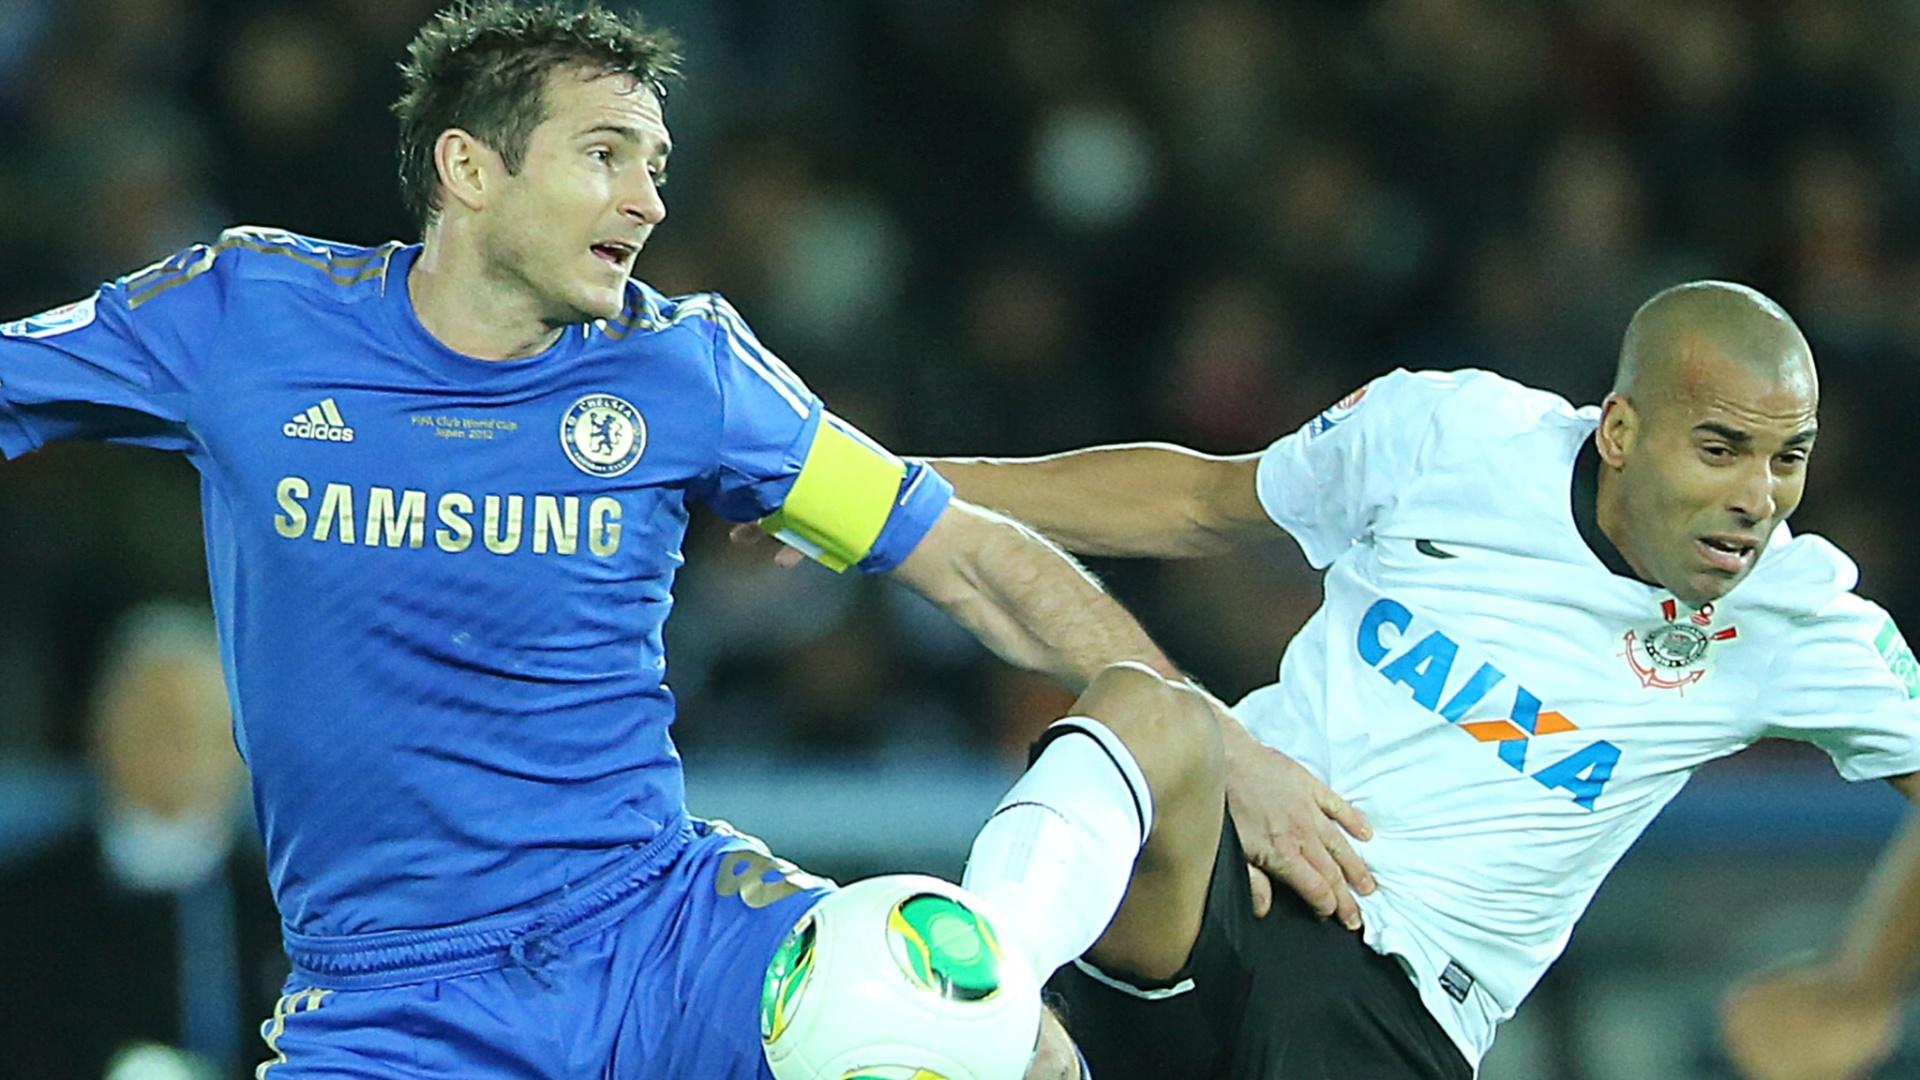 16.dez.2012 - Emerson Sheik, do Corinthians, e Lampard, do Chelsea, disputam jogada no meio-campo durante a final do Mundial de Clubes da Fifa, em Yokohama, no Japão